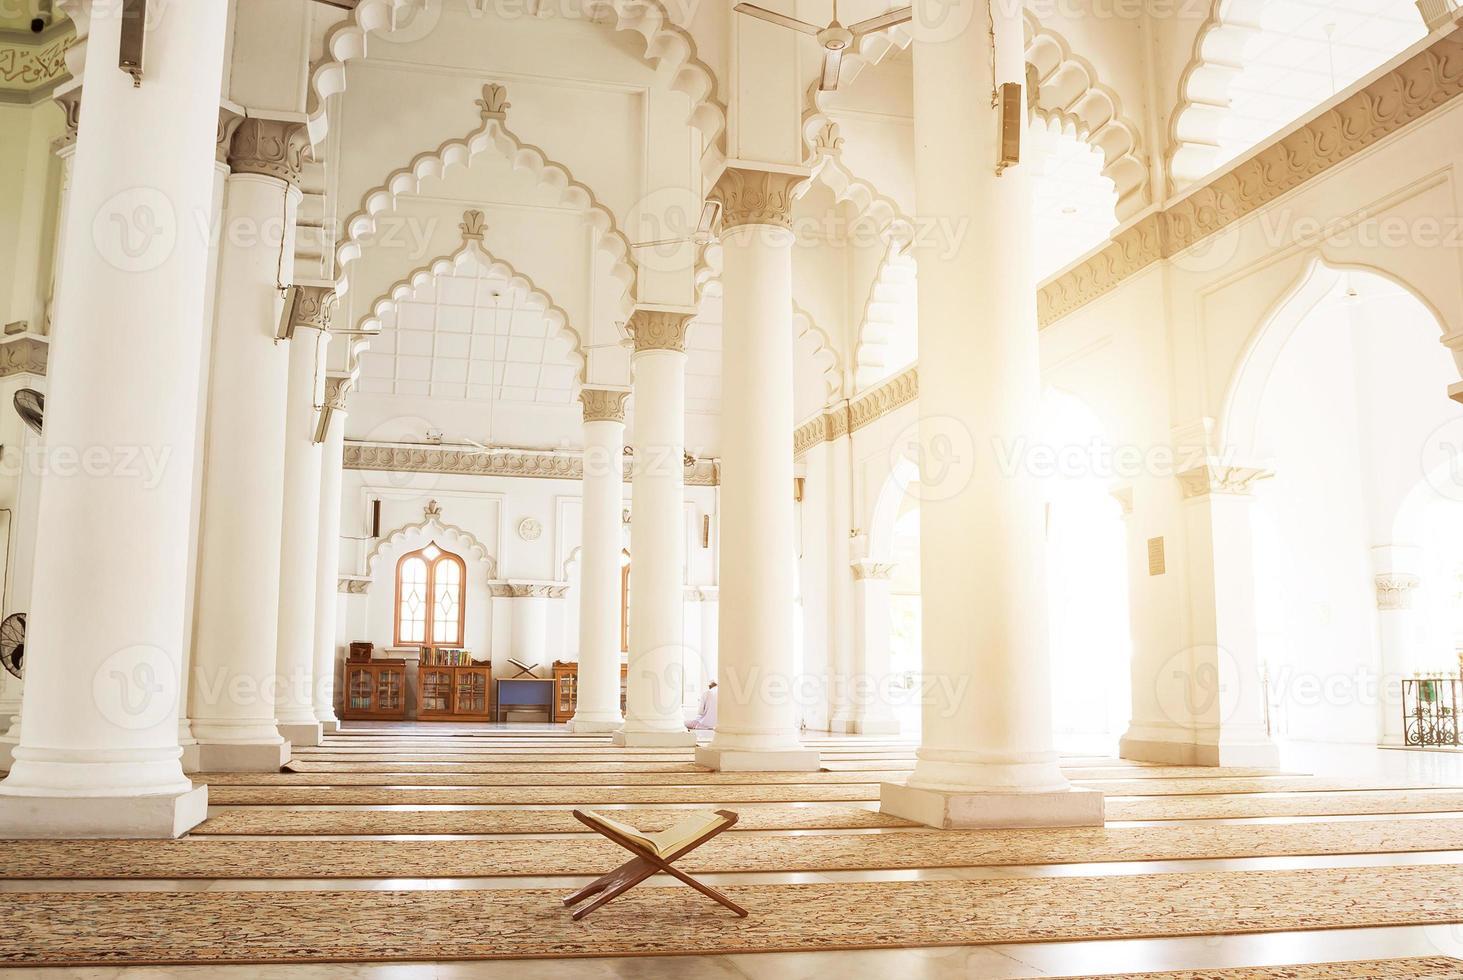 interno della moschea malese foto